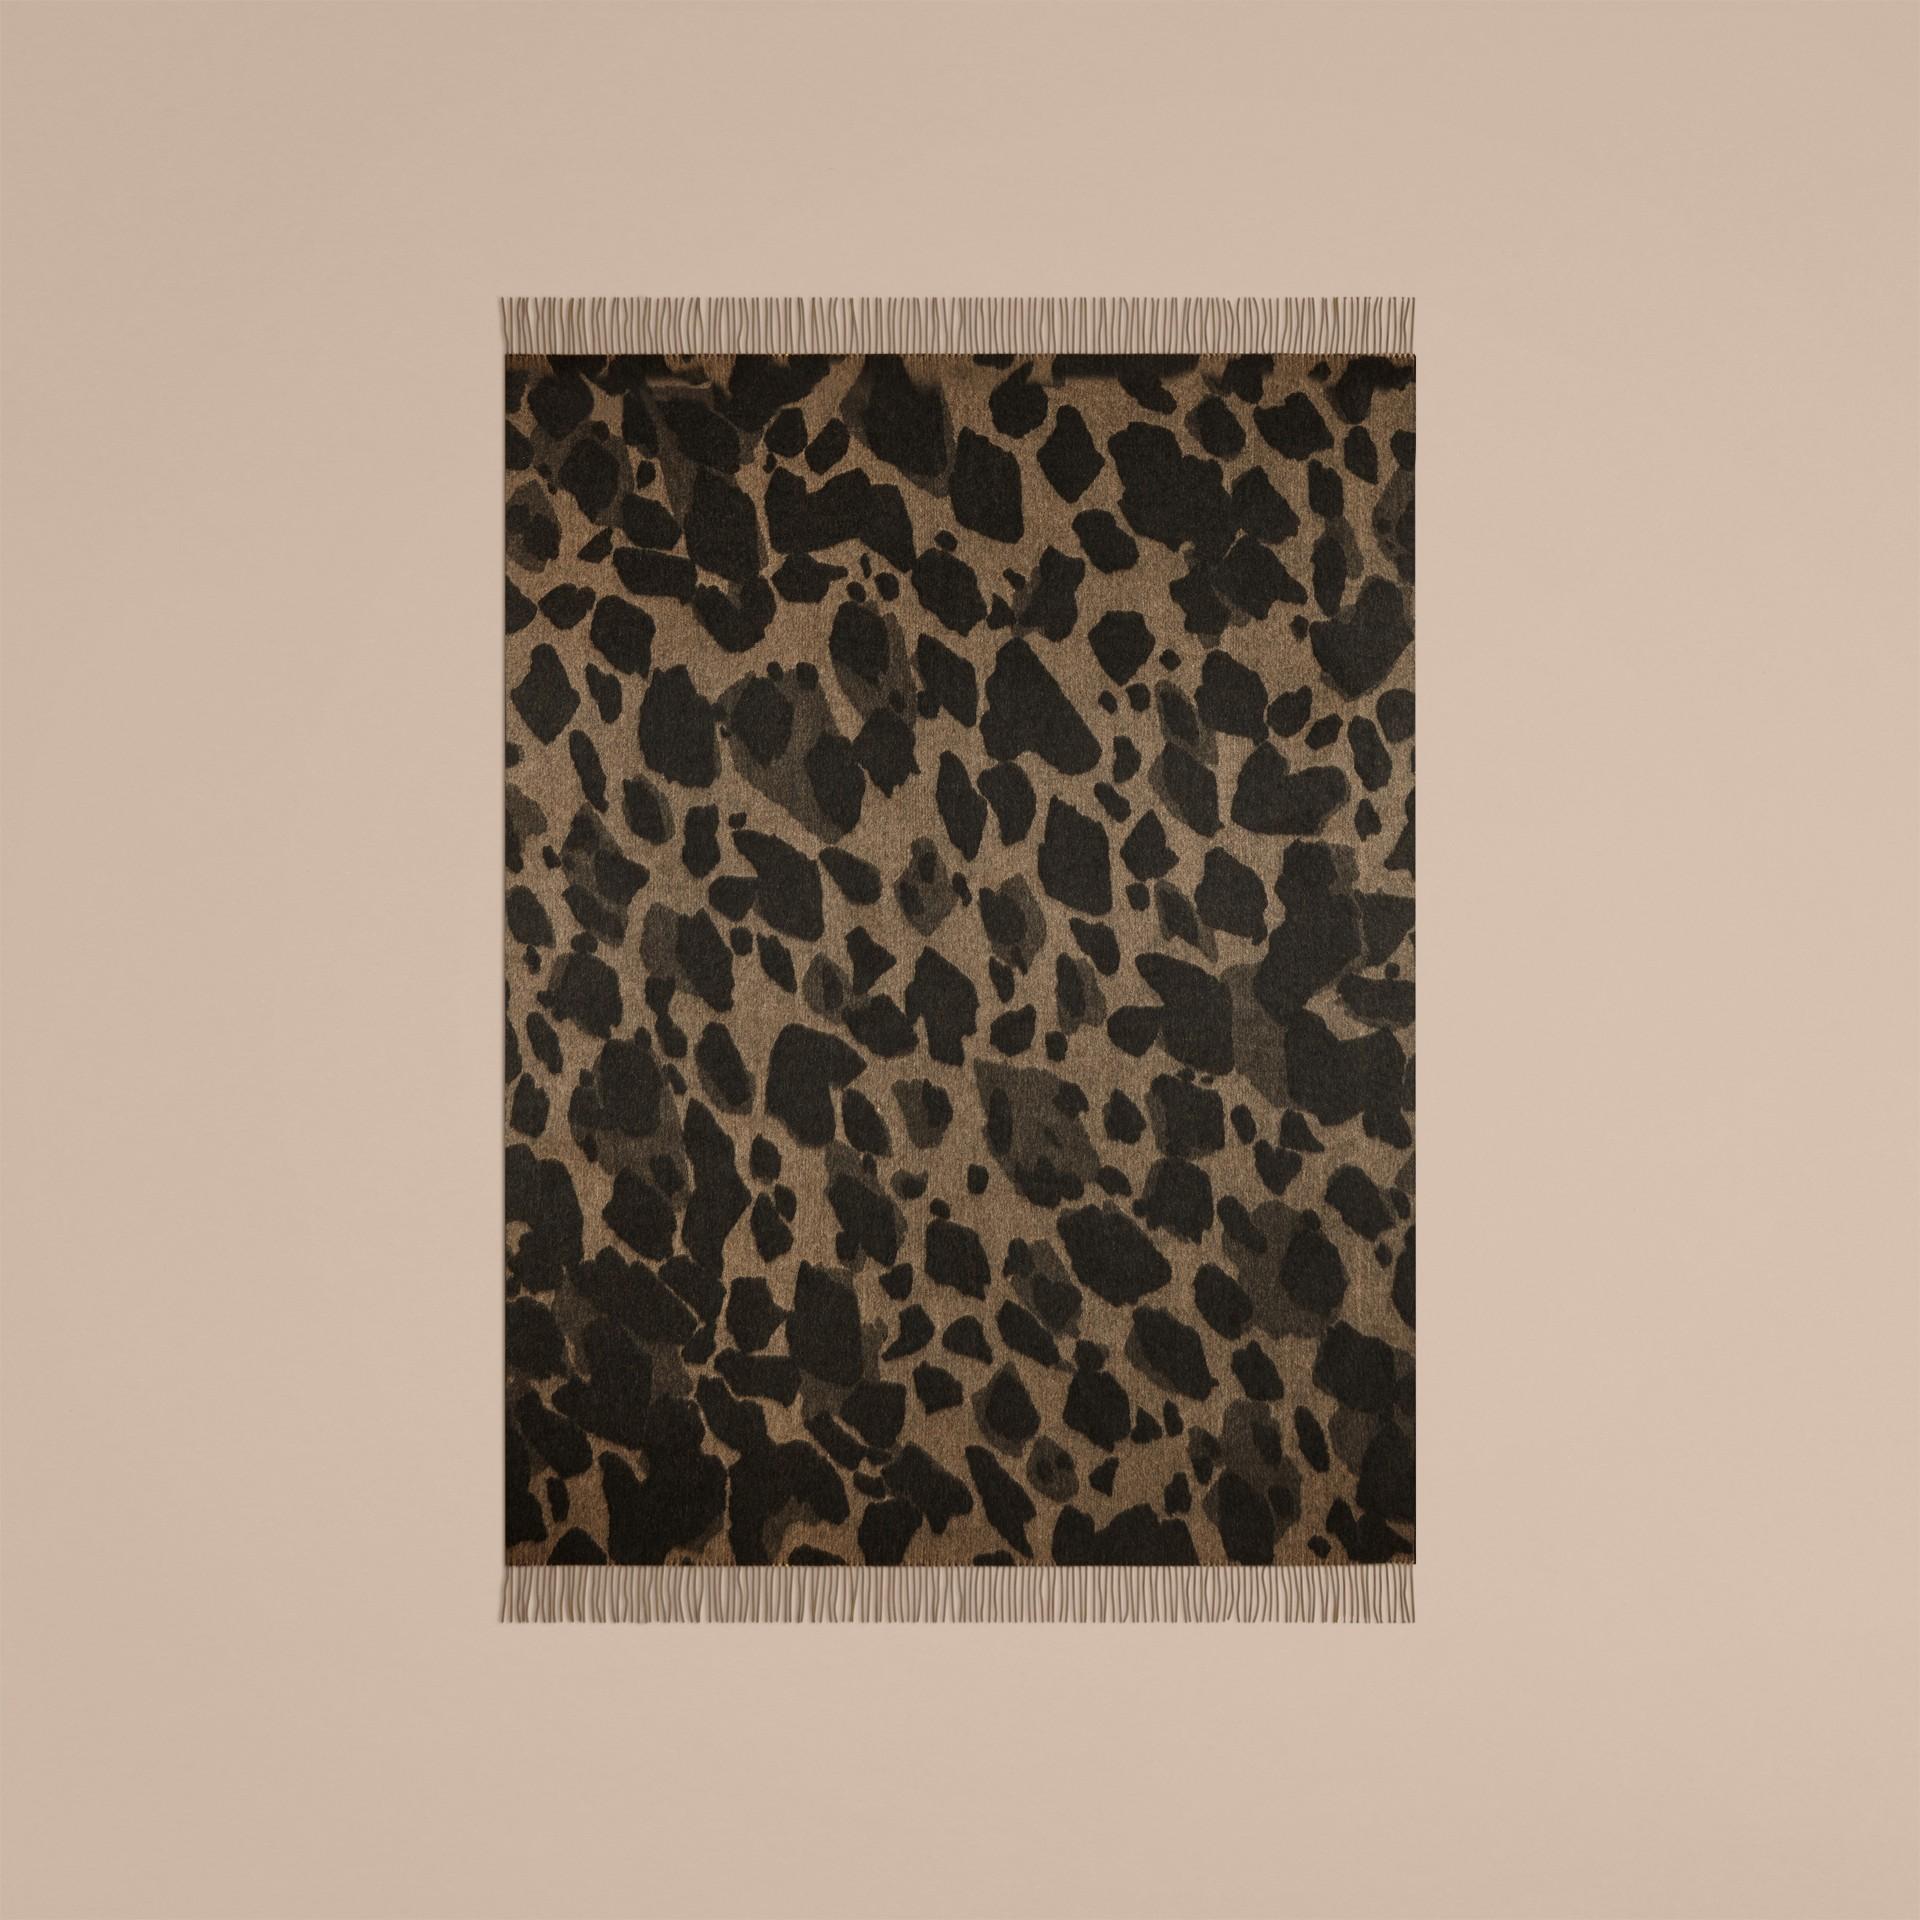 駝色印花 動物提花喀什米爾毛毯 駝色印花 - 圖庫照片 2